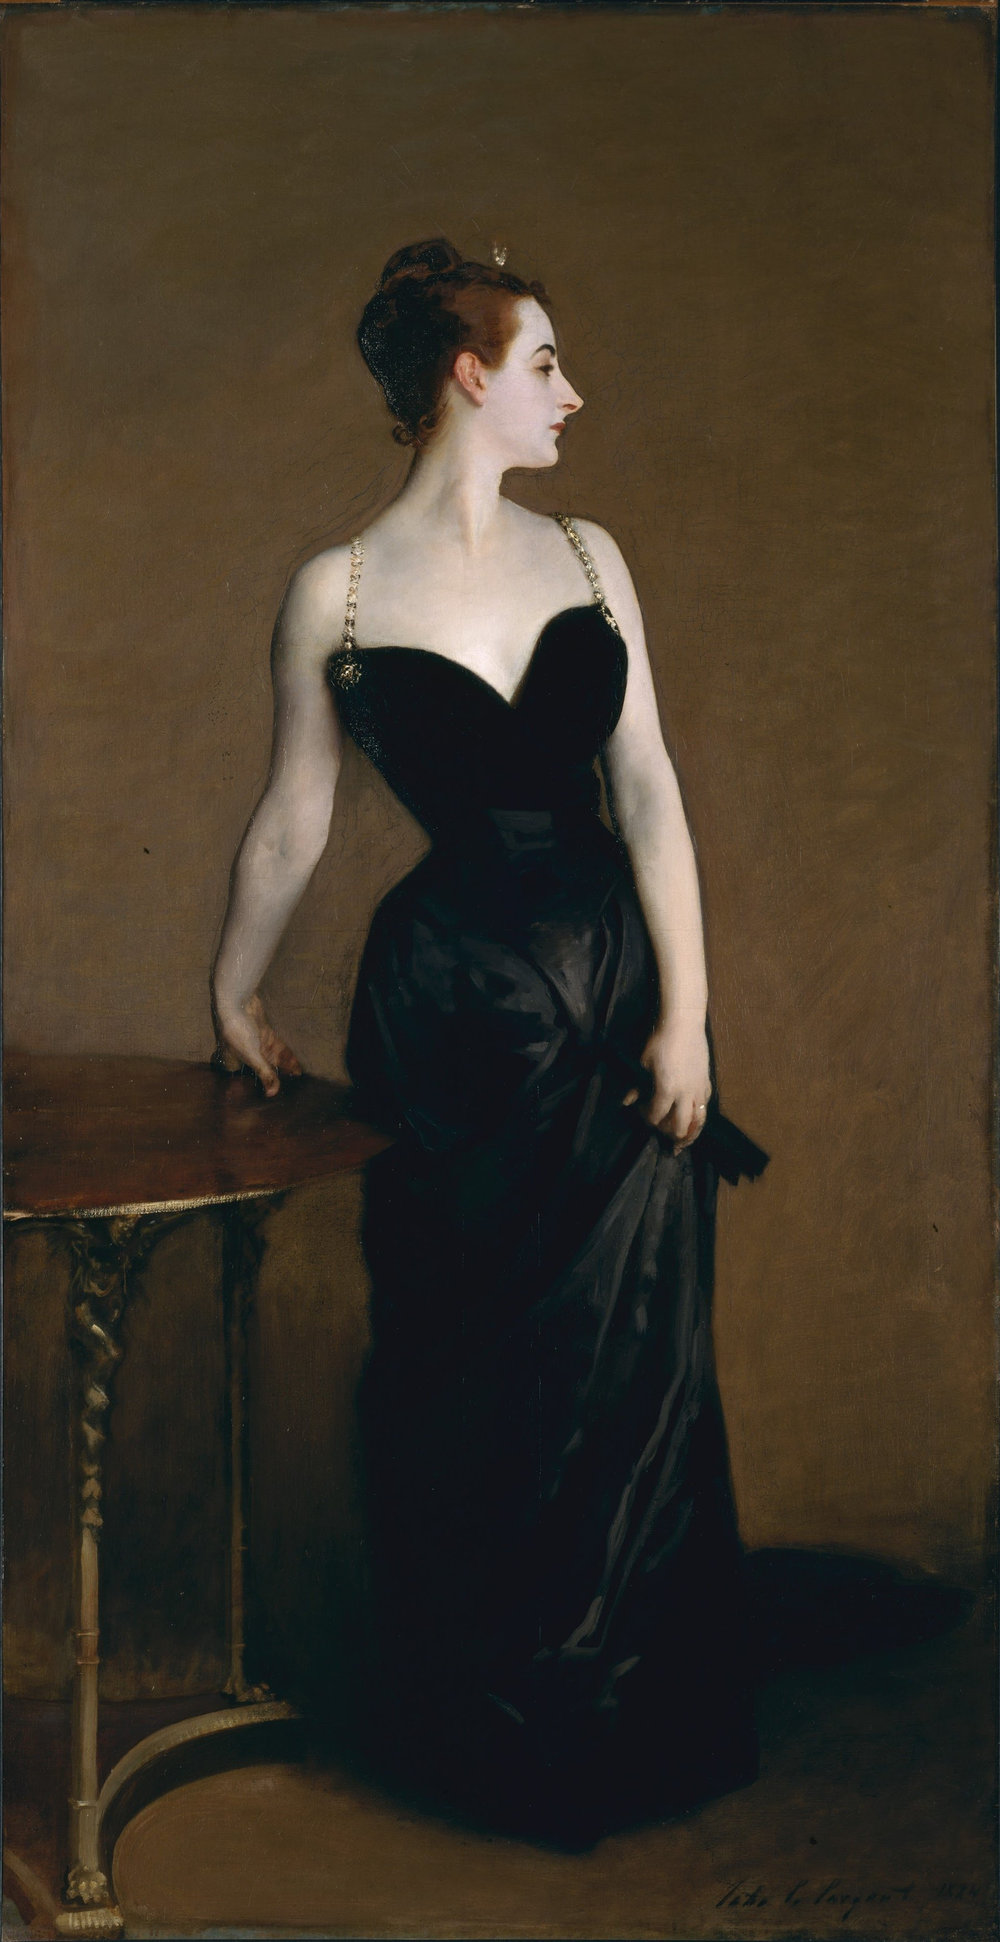 Madame_X_(Madame_Pierre_Gautreau),_John_Singer_Sargent,_1884_(unfree_frame_crop).jpg